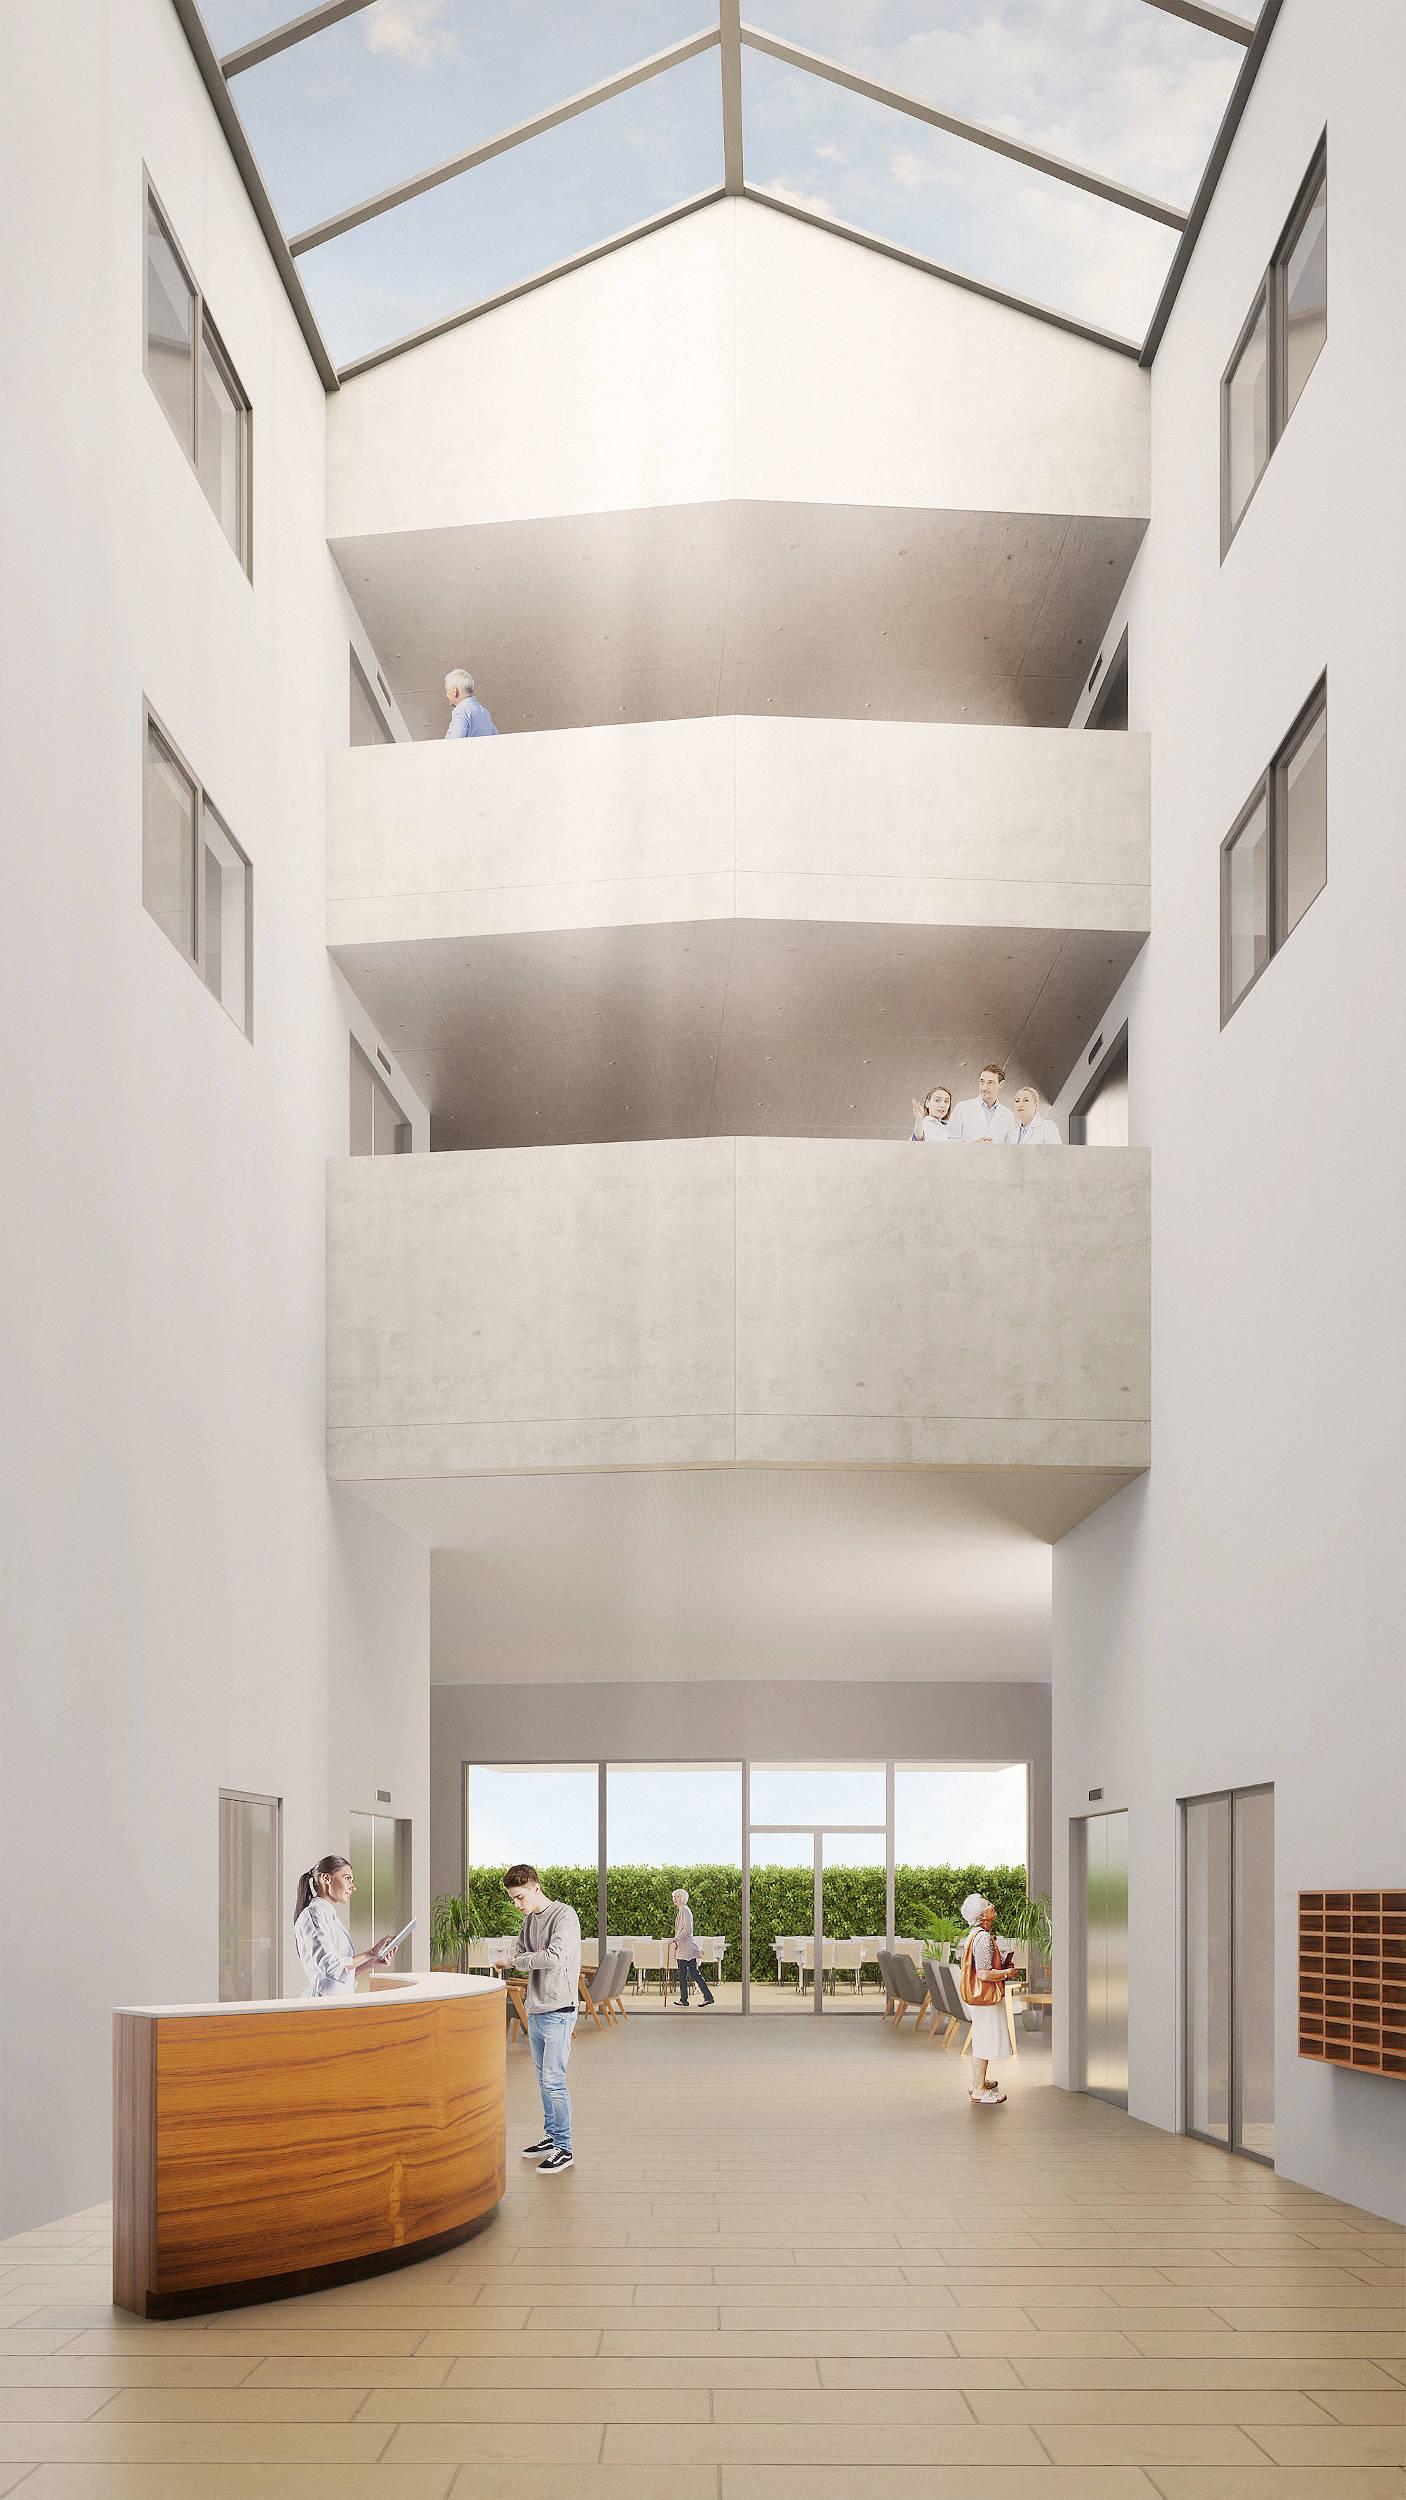 Concours établissement médicosocial à Bussigny - Mia Schlegel Architecture - construction, rénovation, qualité de l'air intérieur, Yverdon